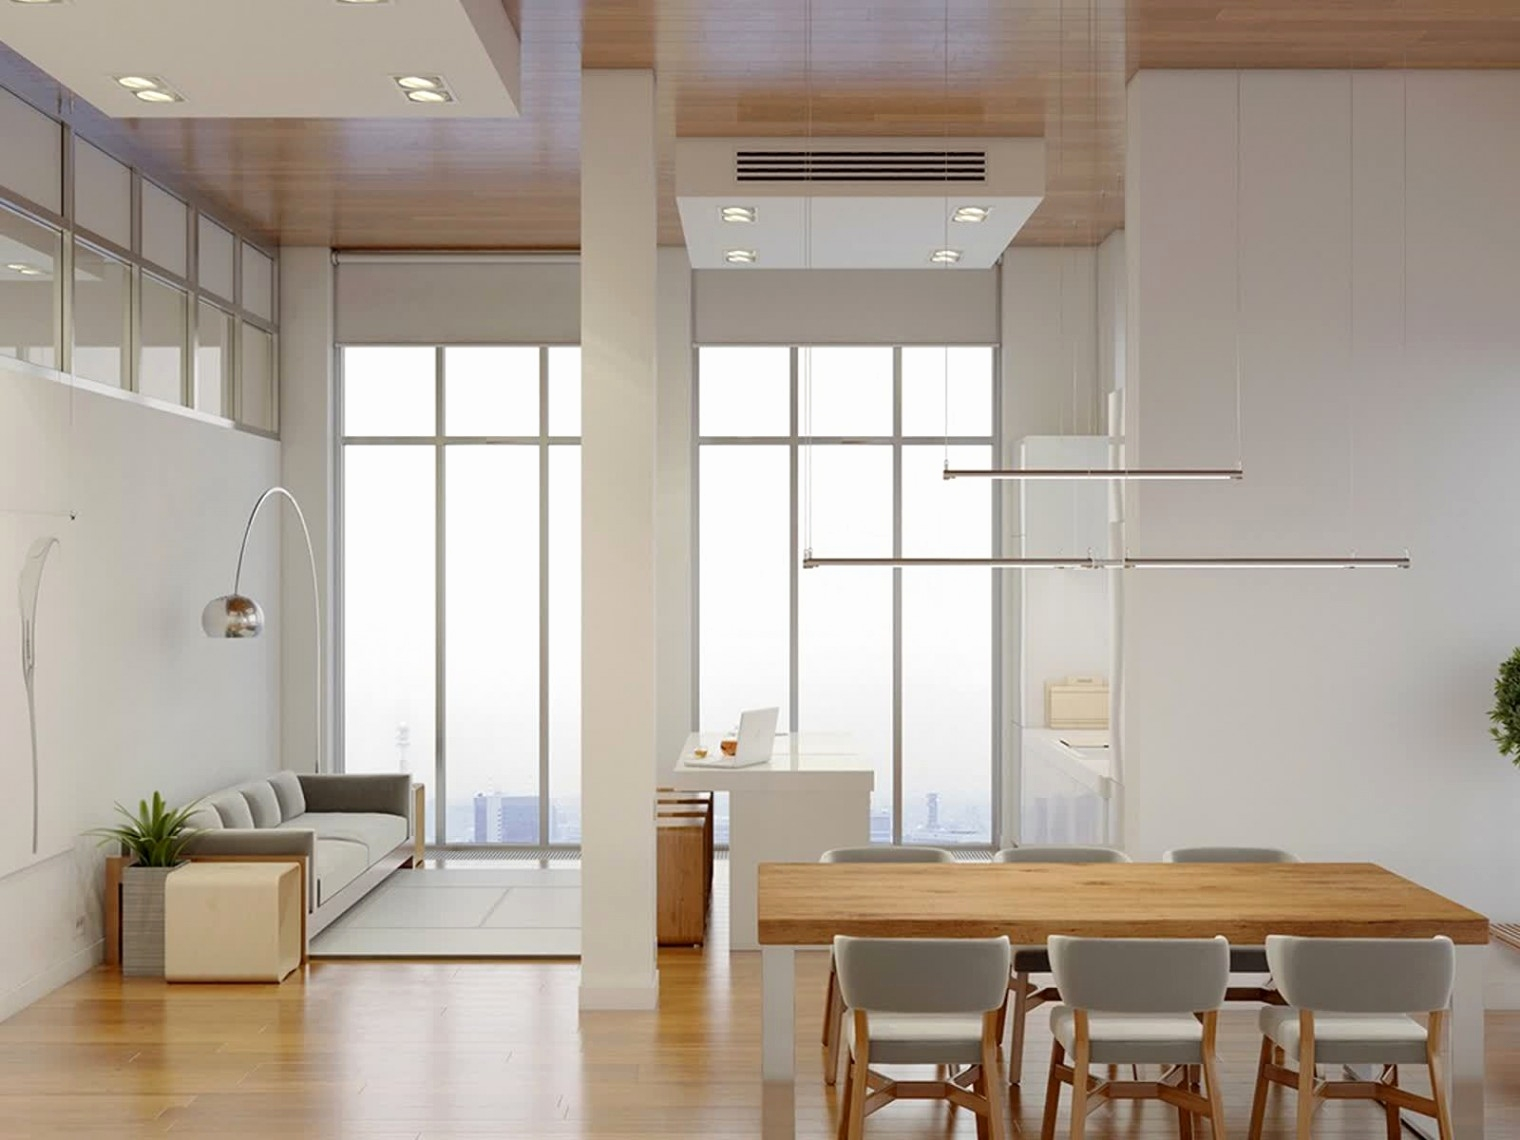 26 Schön Auflistung Von Bluetooth Lautsprecher Wohnzimmer